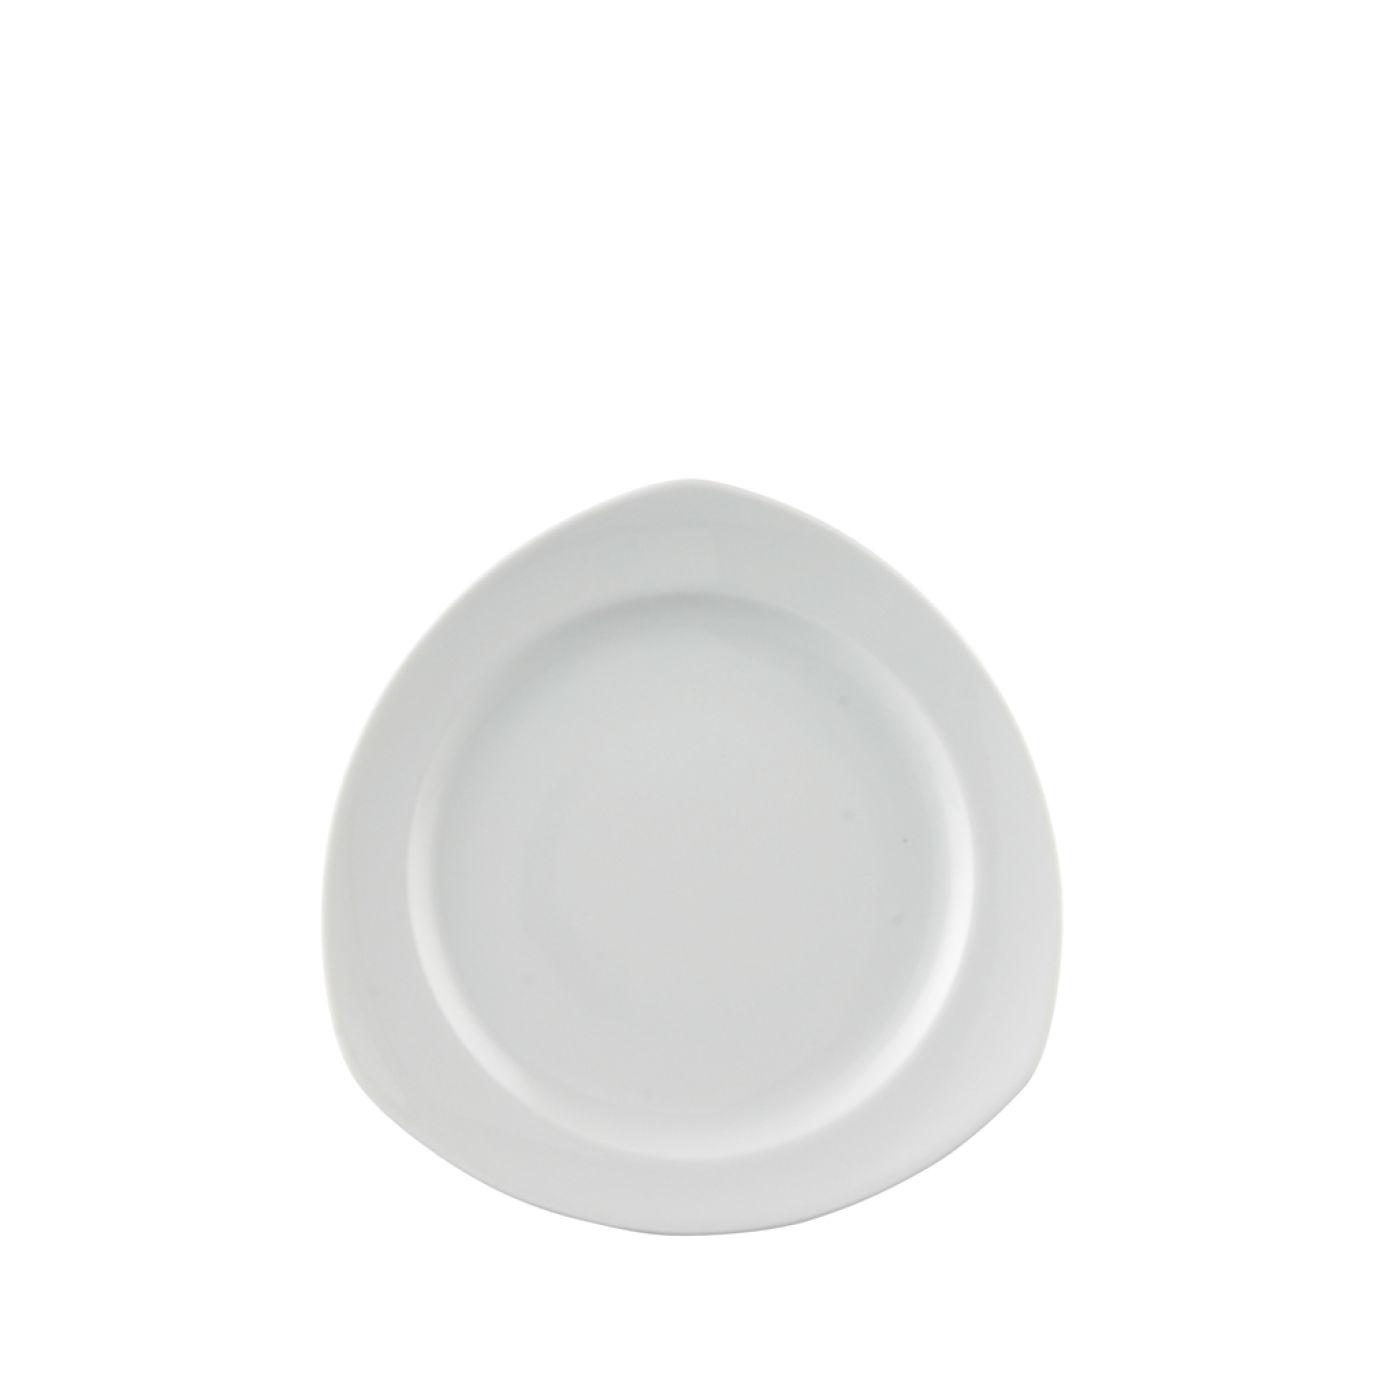 Vario Pure Assiett 18 cm